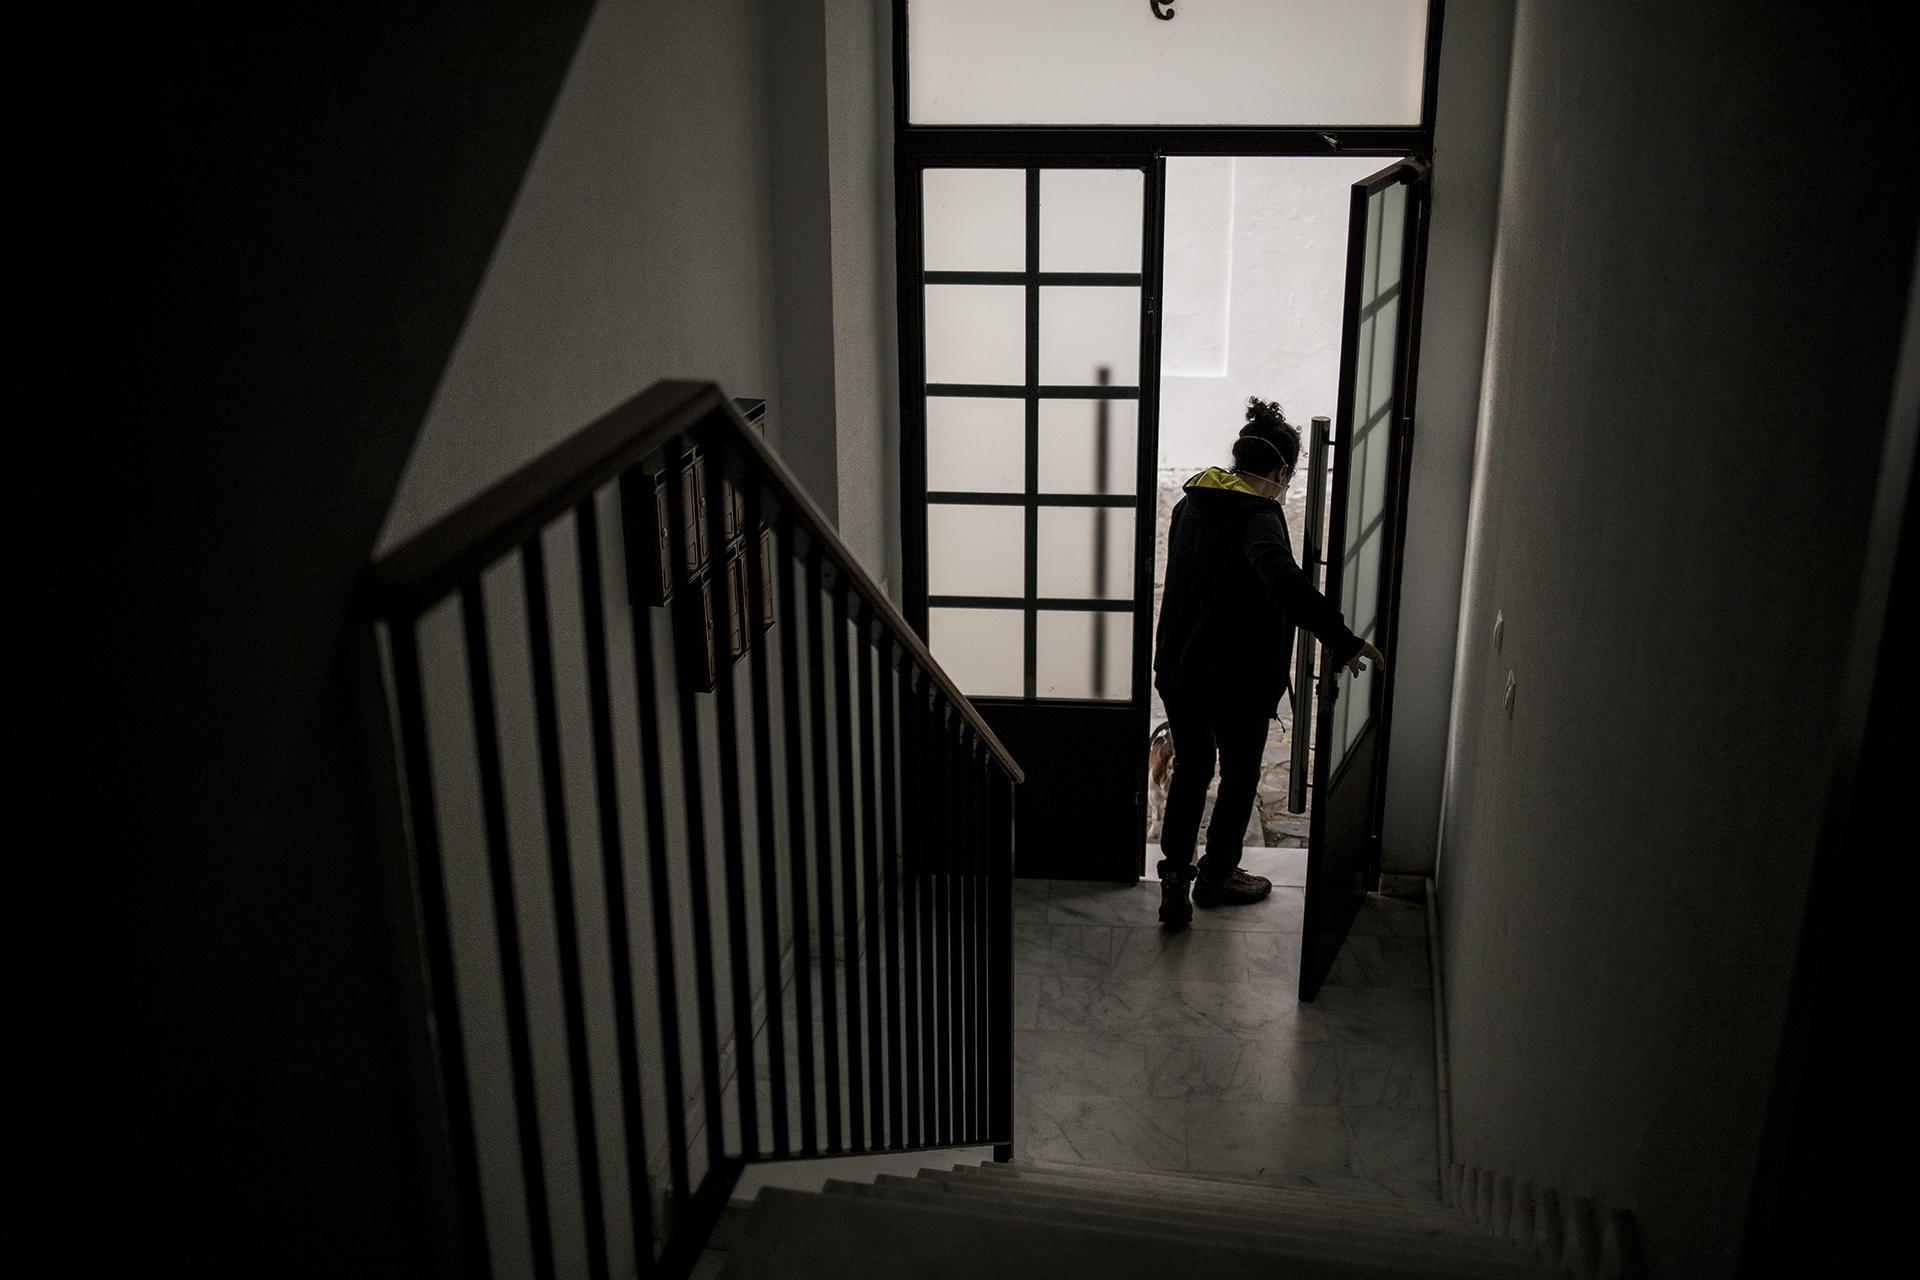 """El regreso a la normalidad no es igual de fácil para todas las personas: algunas tienen miedo a salir de casa por la posibilidad de contraer la enfermedad. El llamado """"síndrome de la cabaña"""" afecta a muchas personas tras el confinamiento. No está reconocido como enfermedad mental, pero lo cierto es que son muchos los que prefieren no salir de casa para minimizar el riesgo de contagio."""